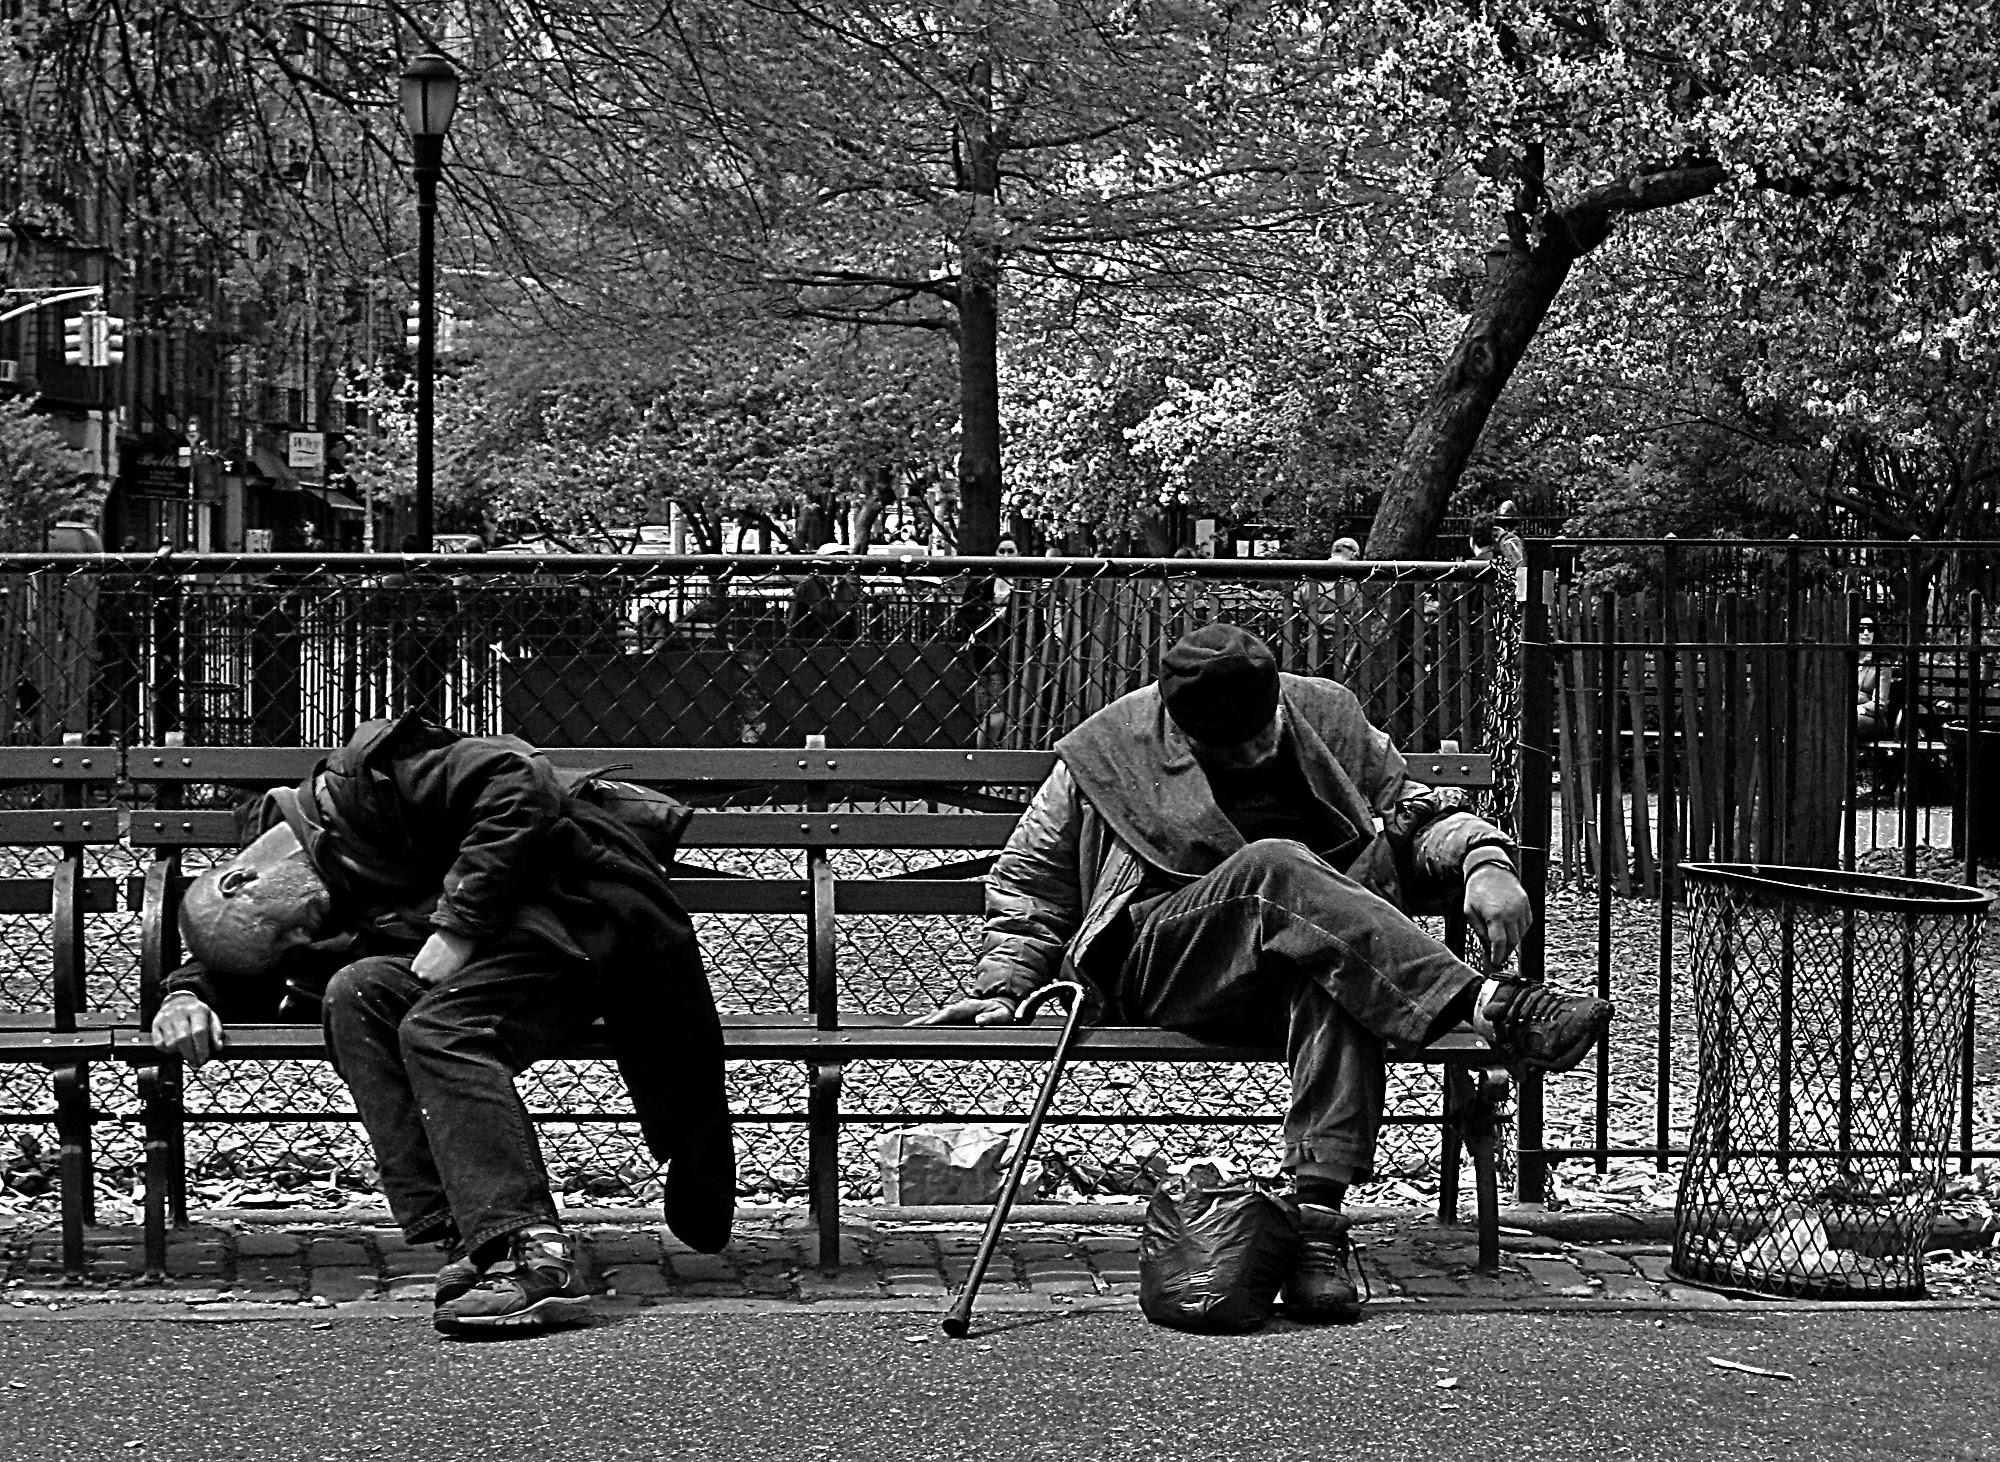 Springtime in Tompkins Square